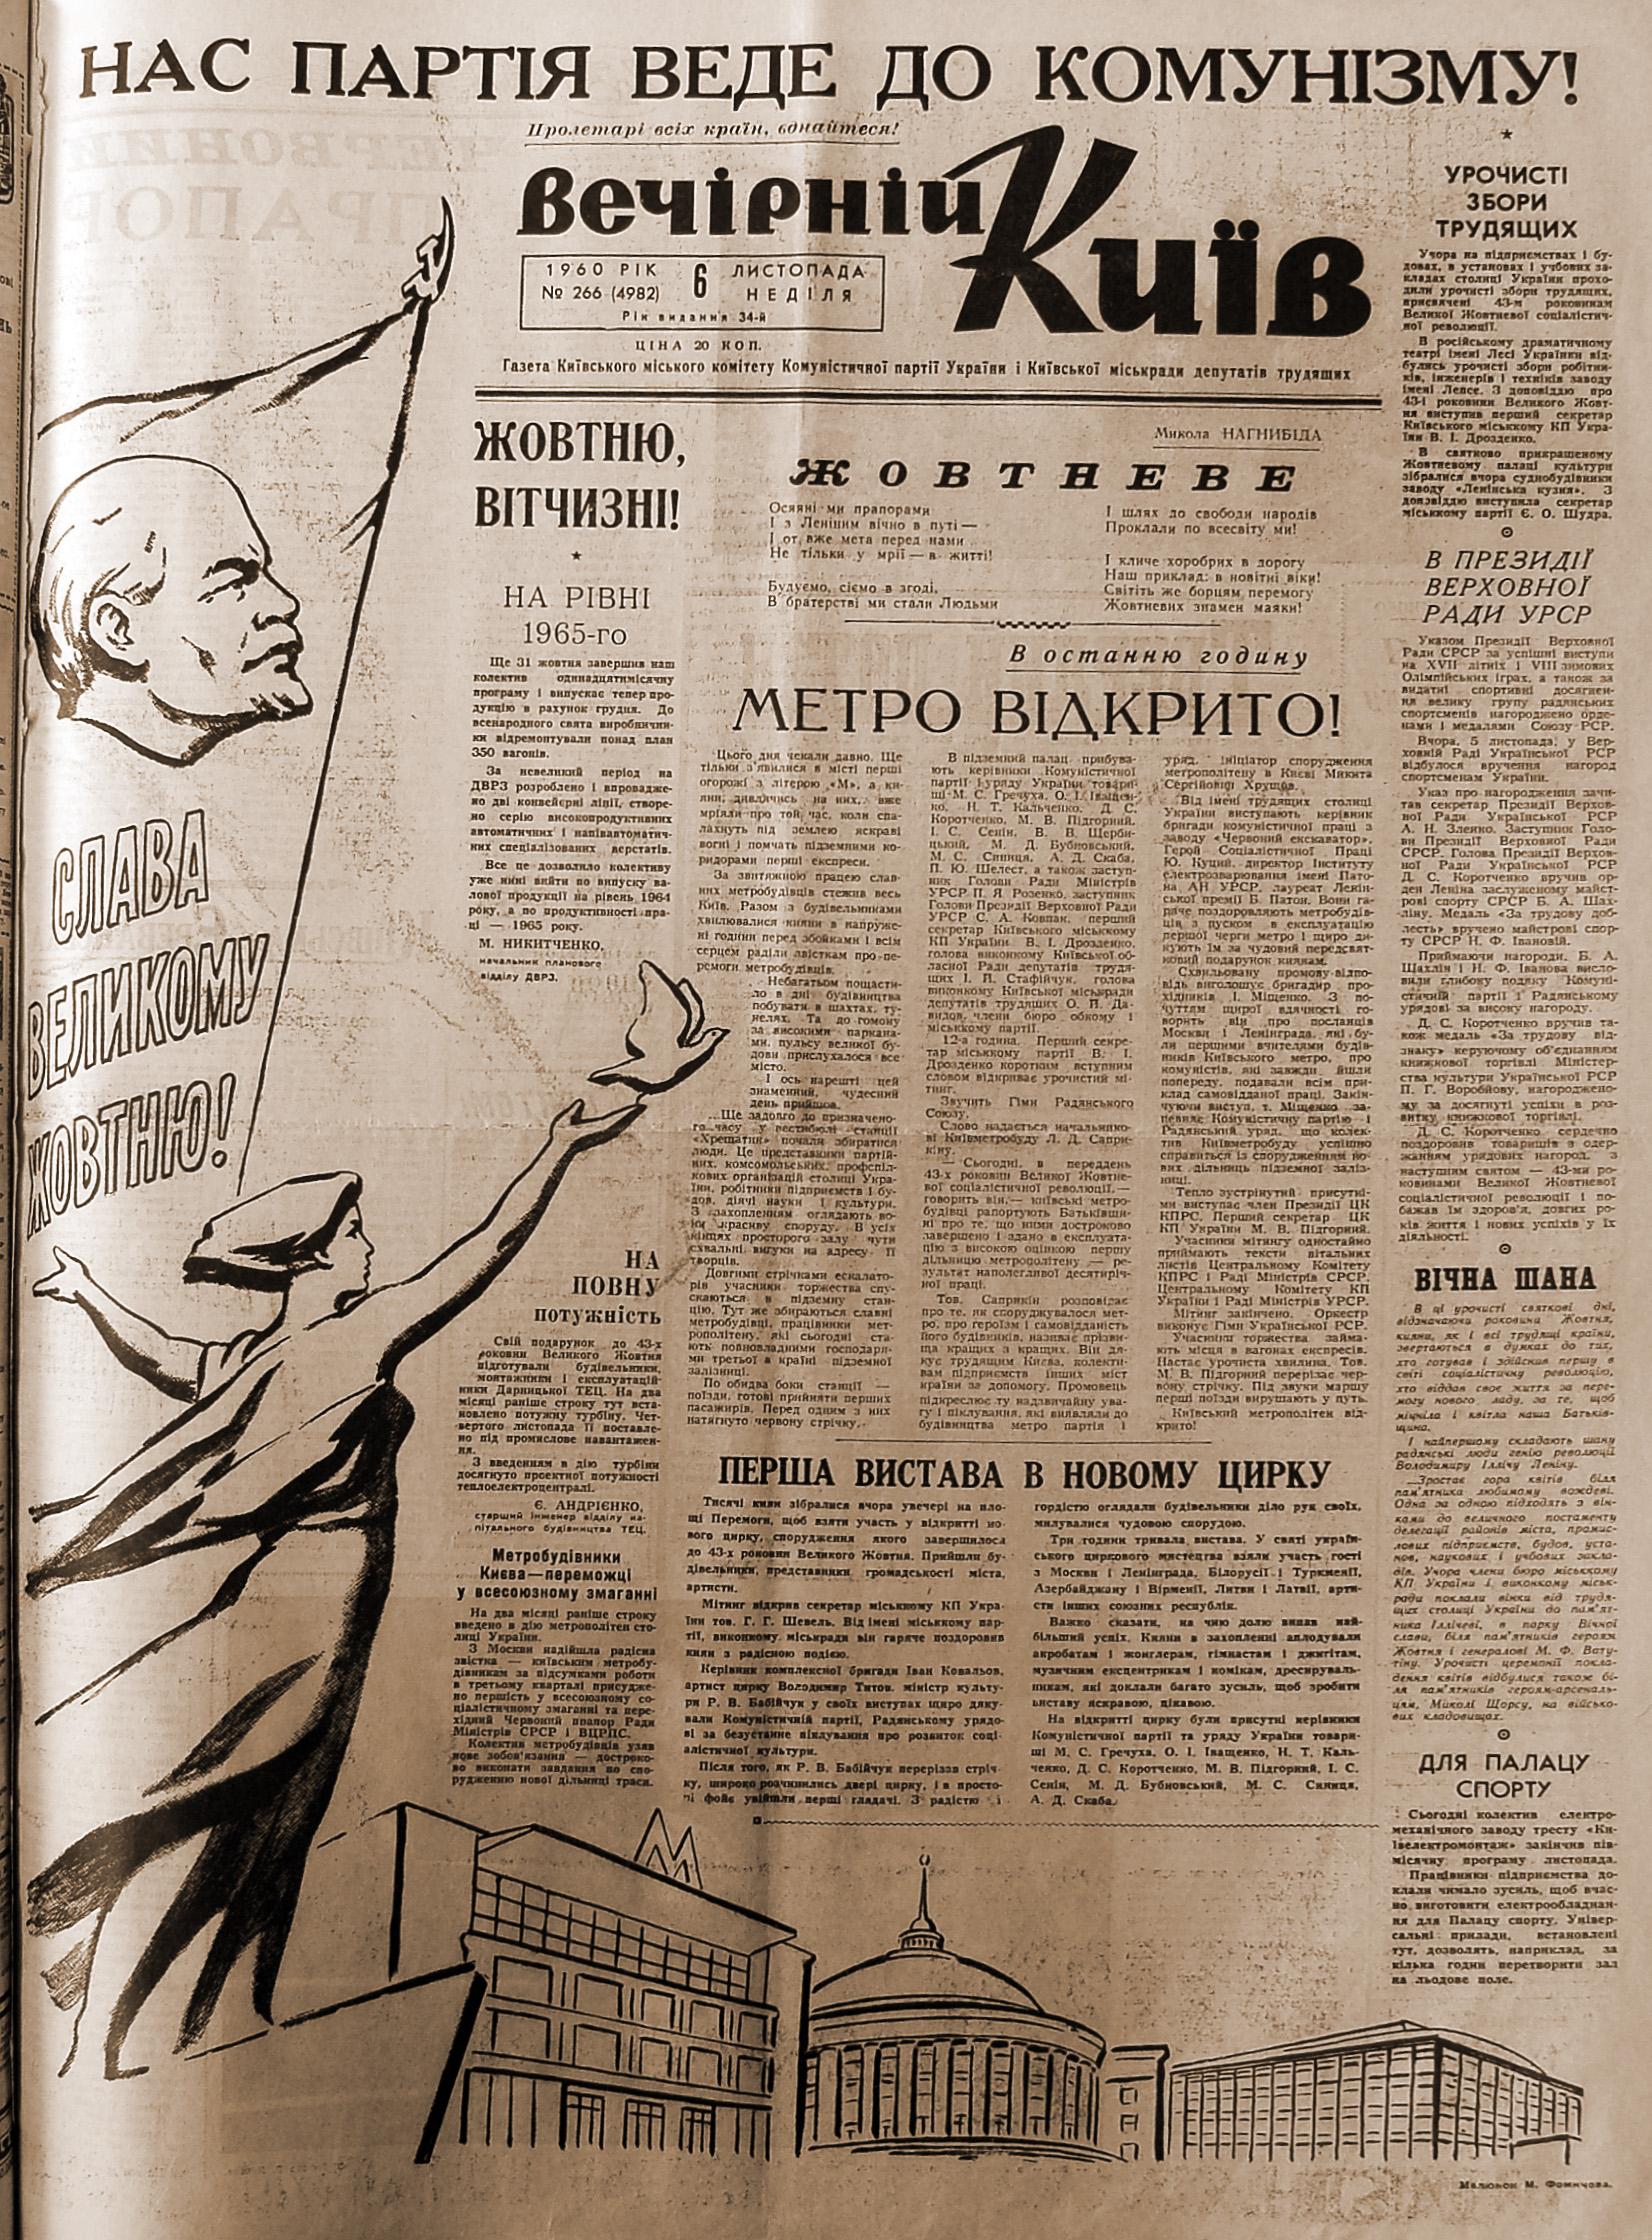 vk-1960-11-06-4982-266-metro-otkryto-1